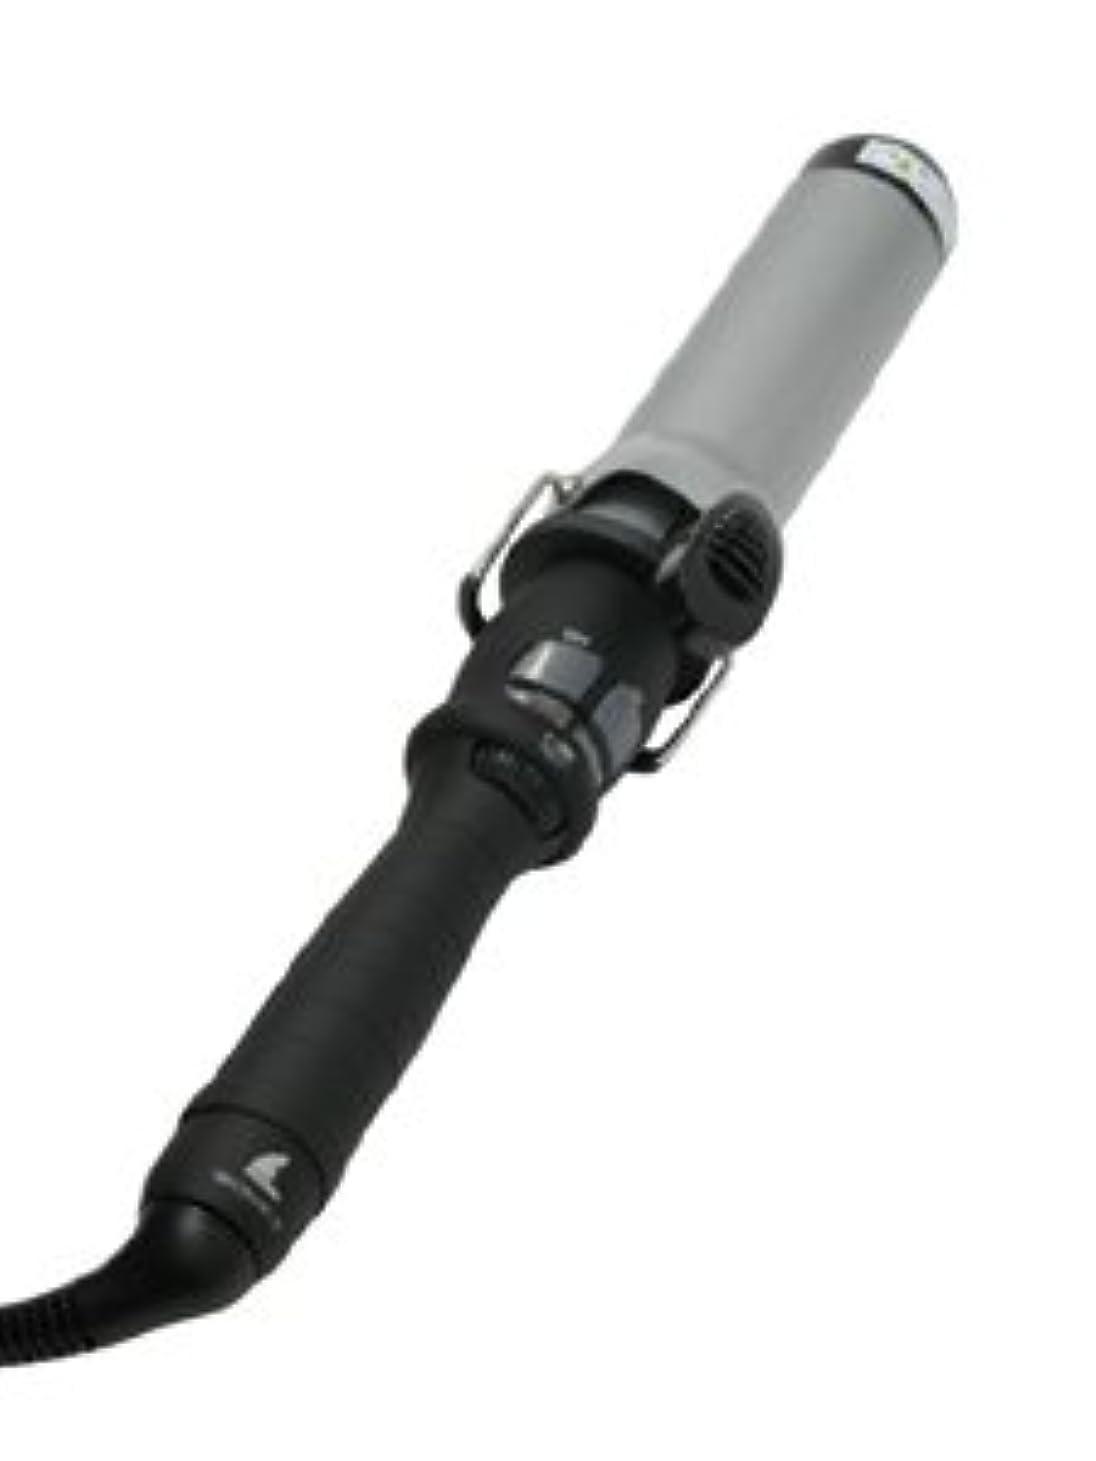 閉じるキャンディー研究所【x5個セット】 アイビル DHセラミックアイロン 38mm